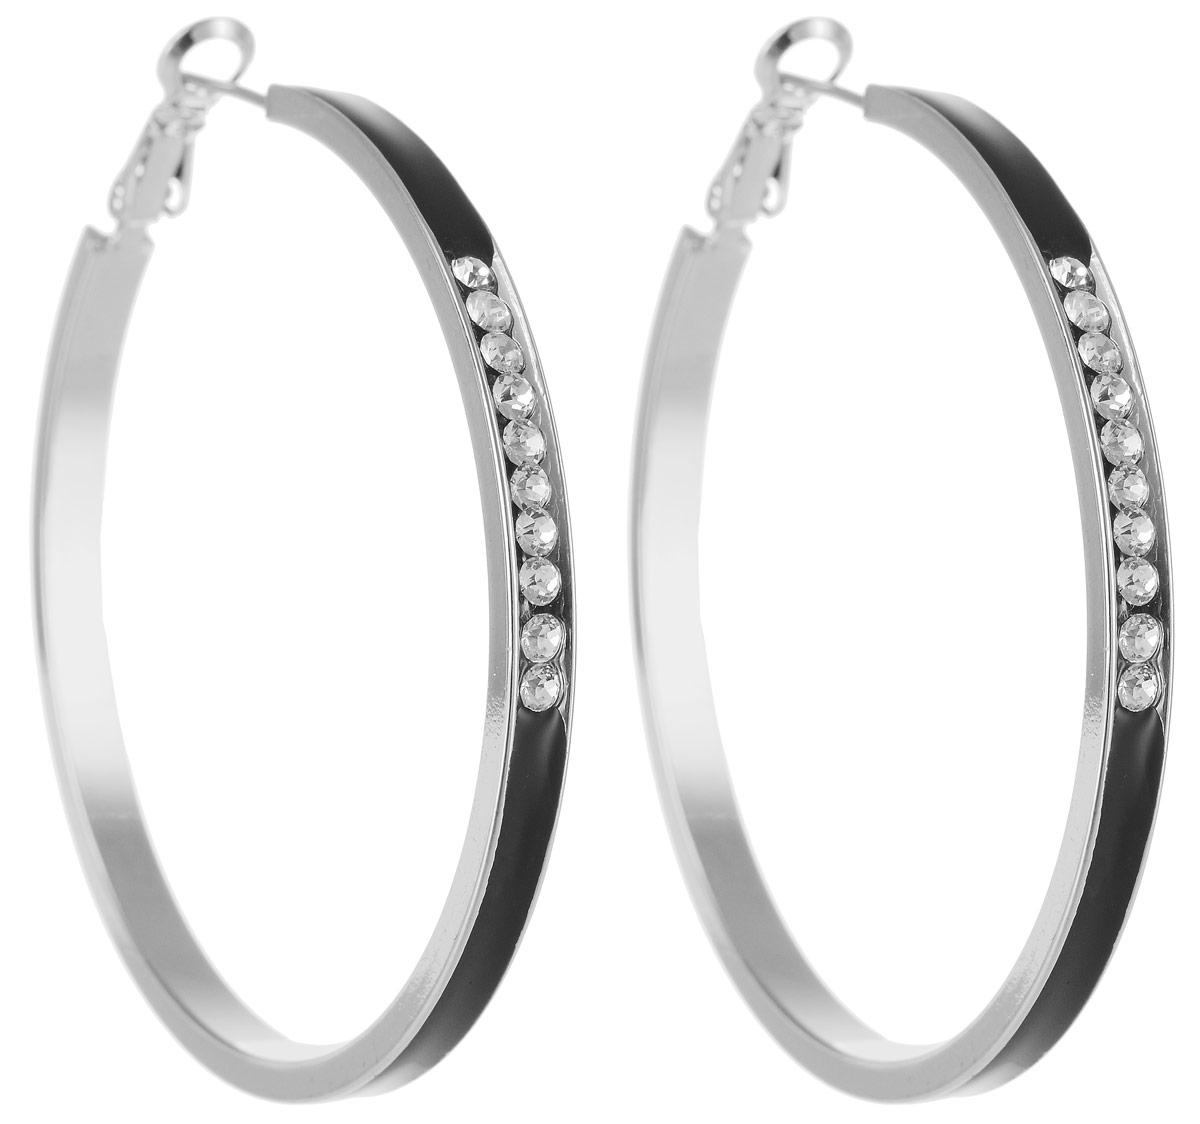 Серьги Art-Silver, цвет: черный. 15527-473Серьги-кольцаСтильные серьги Selena выполнены из латуни с гальваническим покрытием. Серьги оформлены оригинальными декоративными вставками. Такие серьги будут ярким дополнением вашего образа.